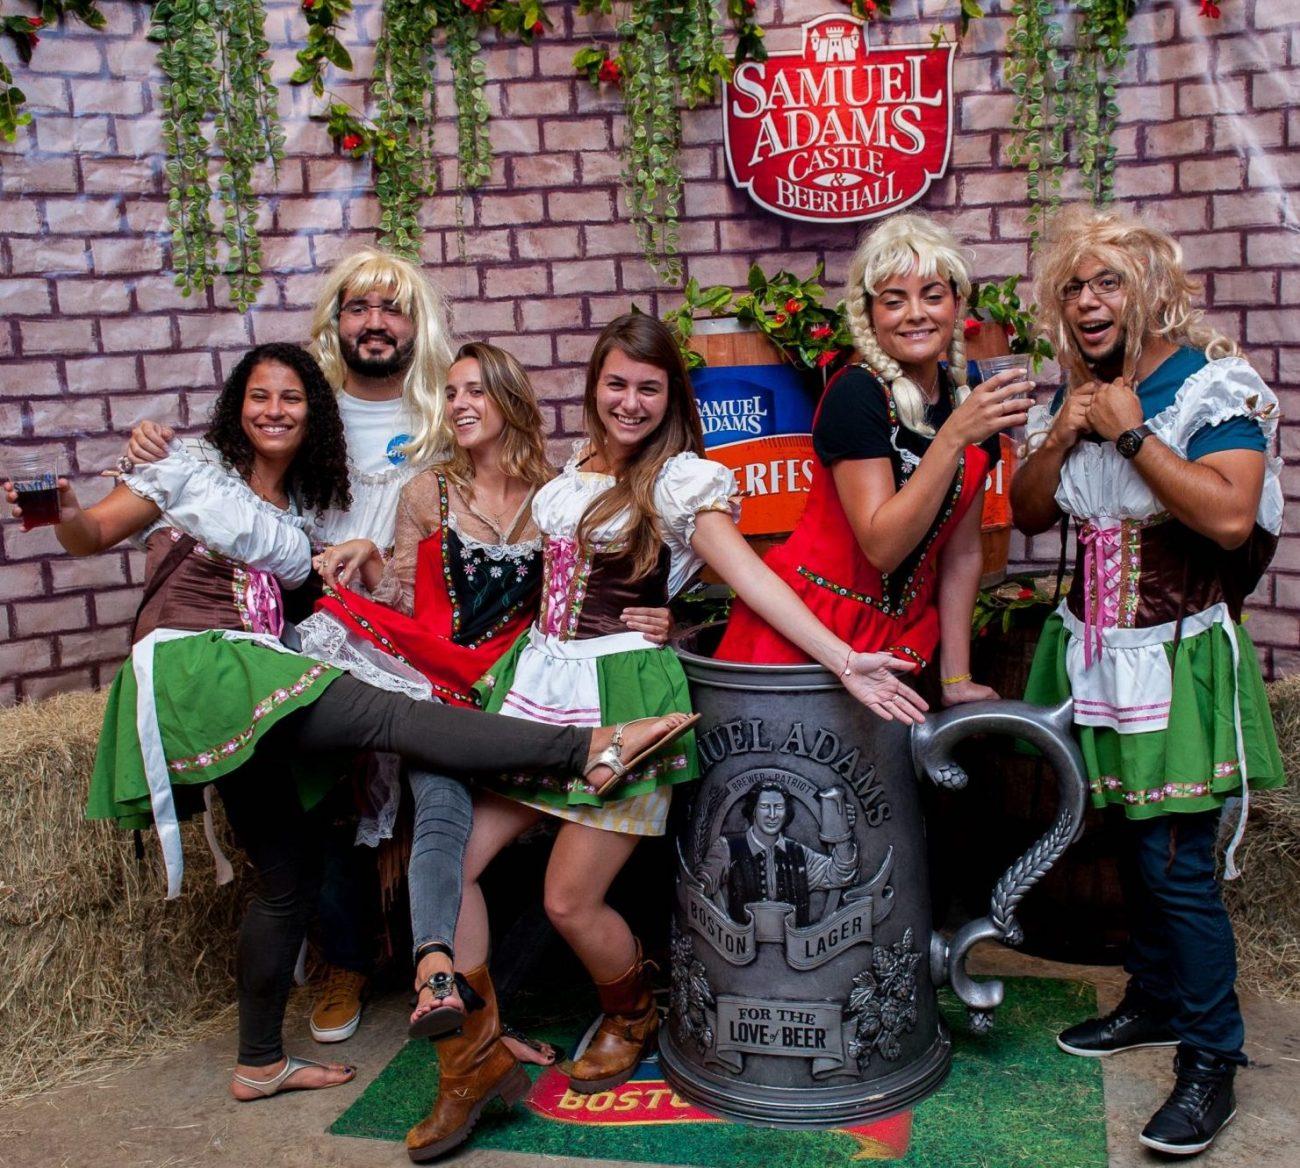 septembre wynwood swarm fête de la bière oktoberfest agenda événements que faire a miami en septembre rentrée miami beach blog miami off road